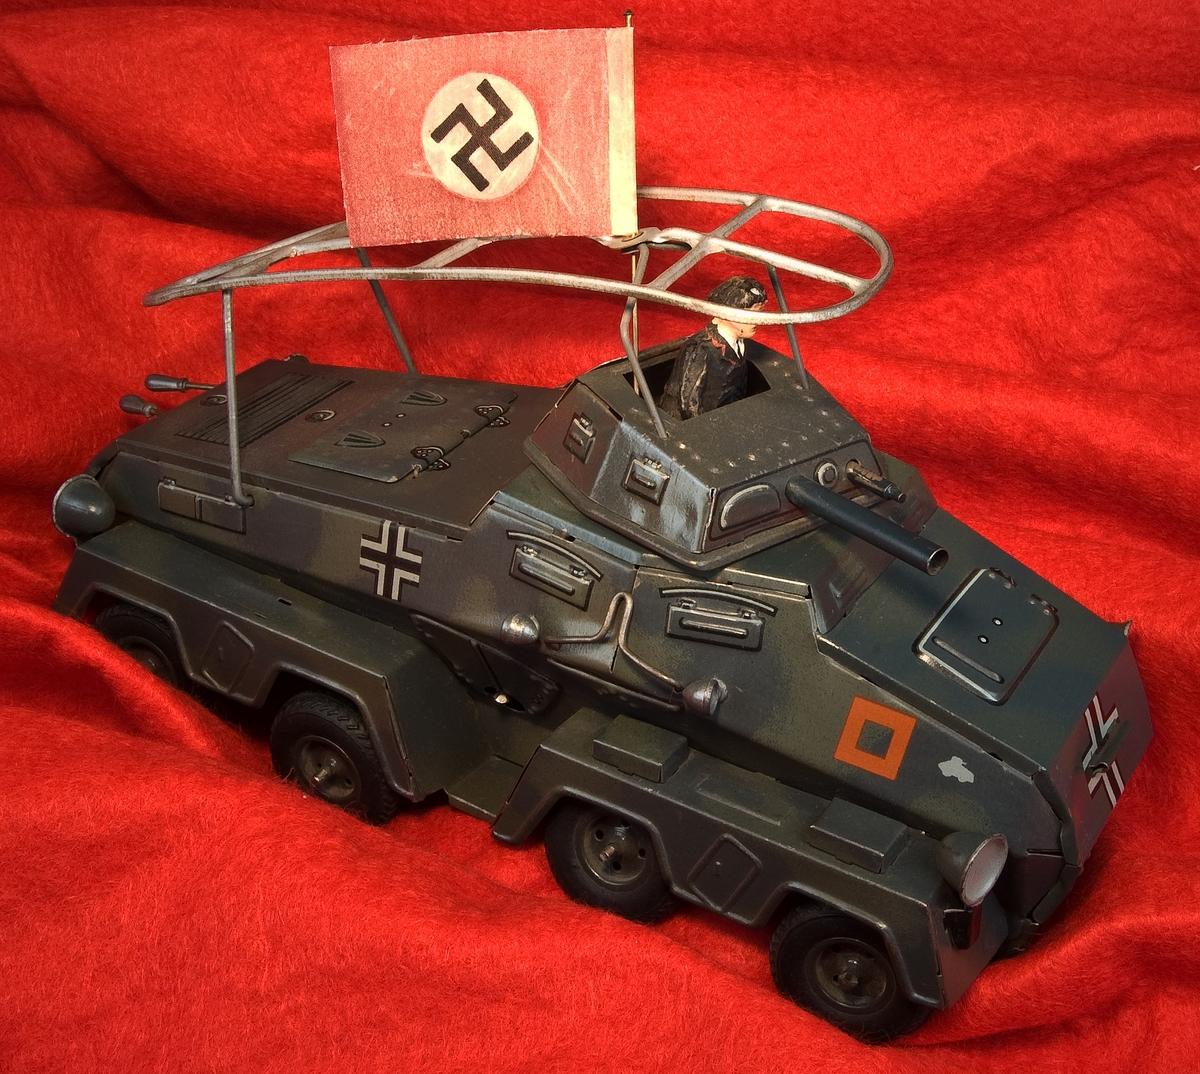 Leksaksstridsvagn av lithograferad plåt. Mörkt grön med dekorationer i rött och vit/svart. Okänd tillverkning. Saknar stämplar. Till stridsvagnen finns en soldat, förmodligen av elastolin, en nazistflagga samt en nyckel för uppskruvning.